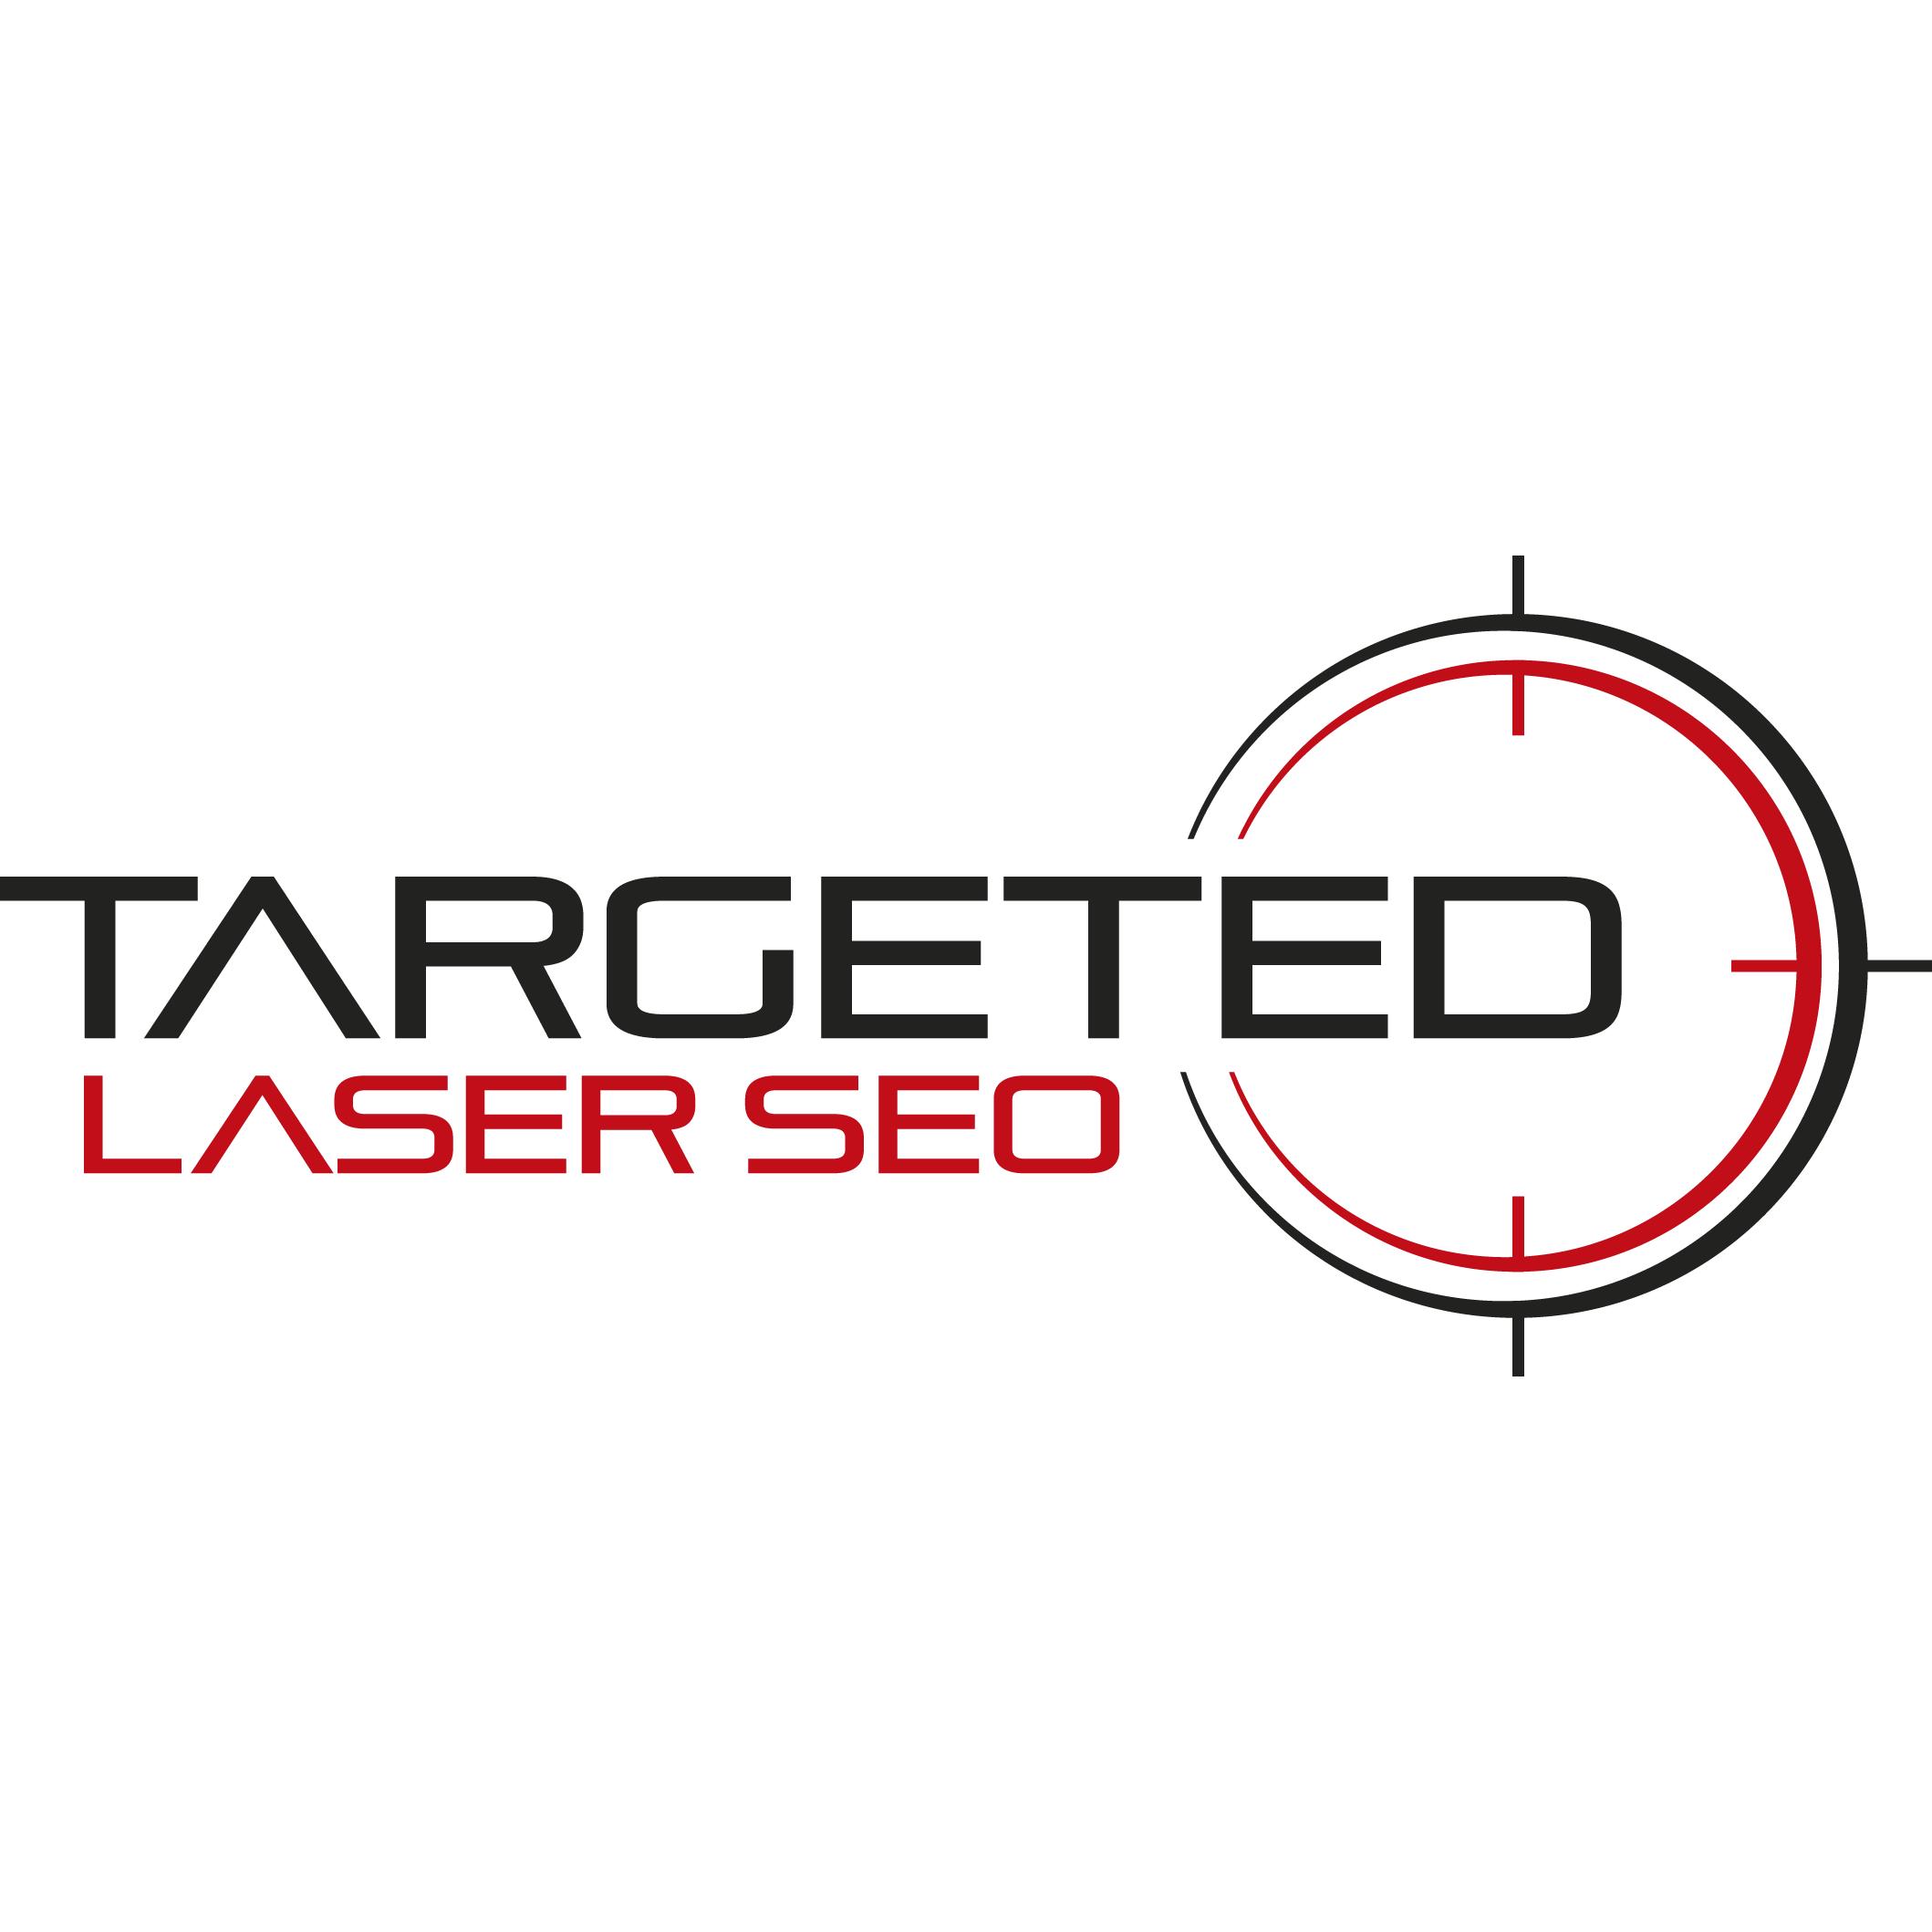 Targeted Laser SEO Denver